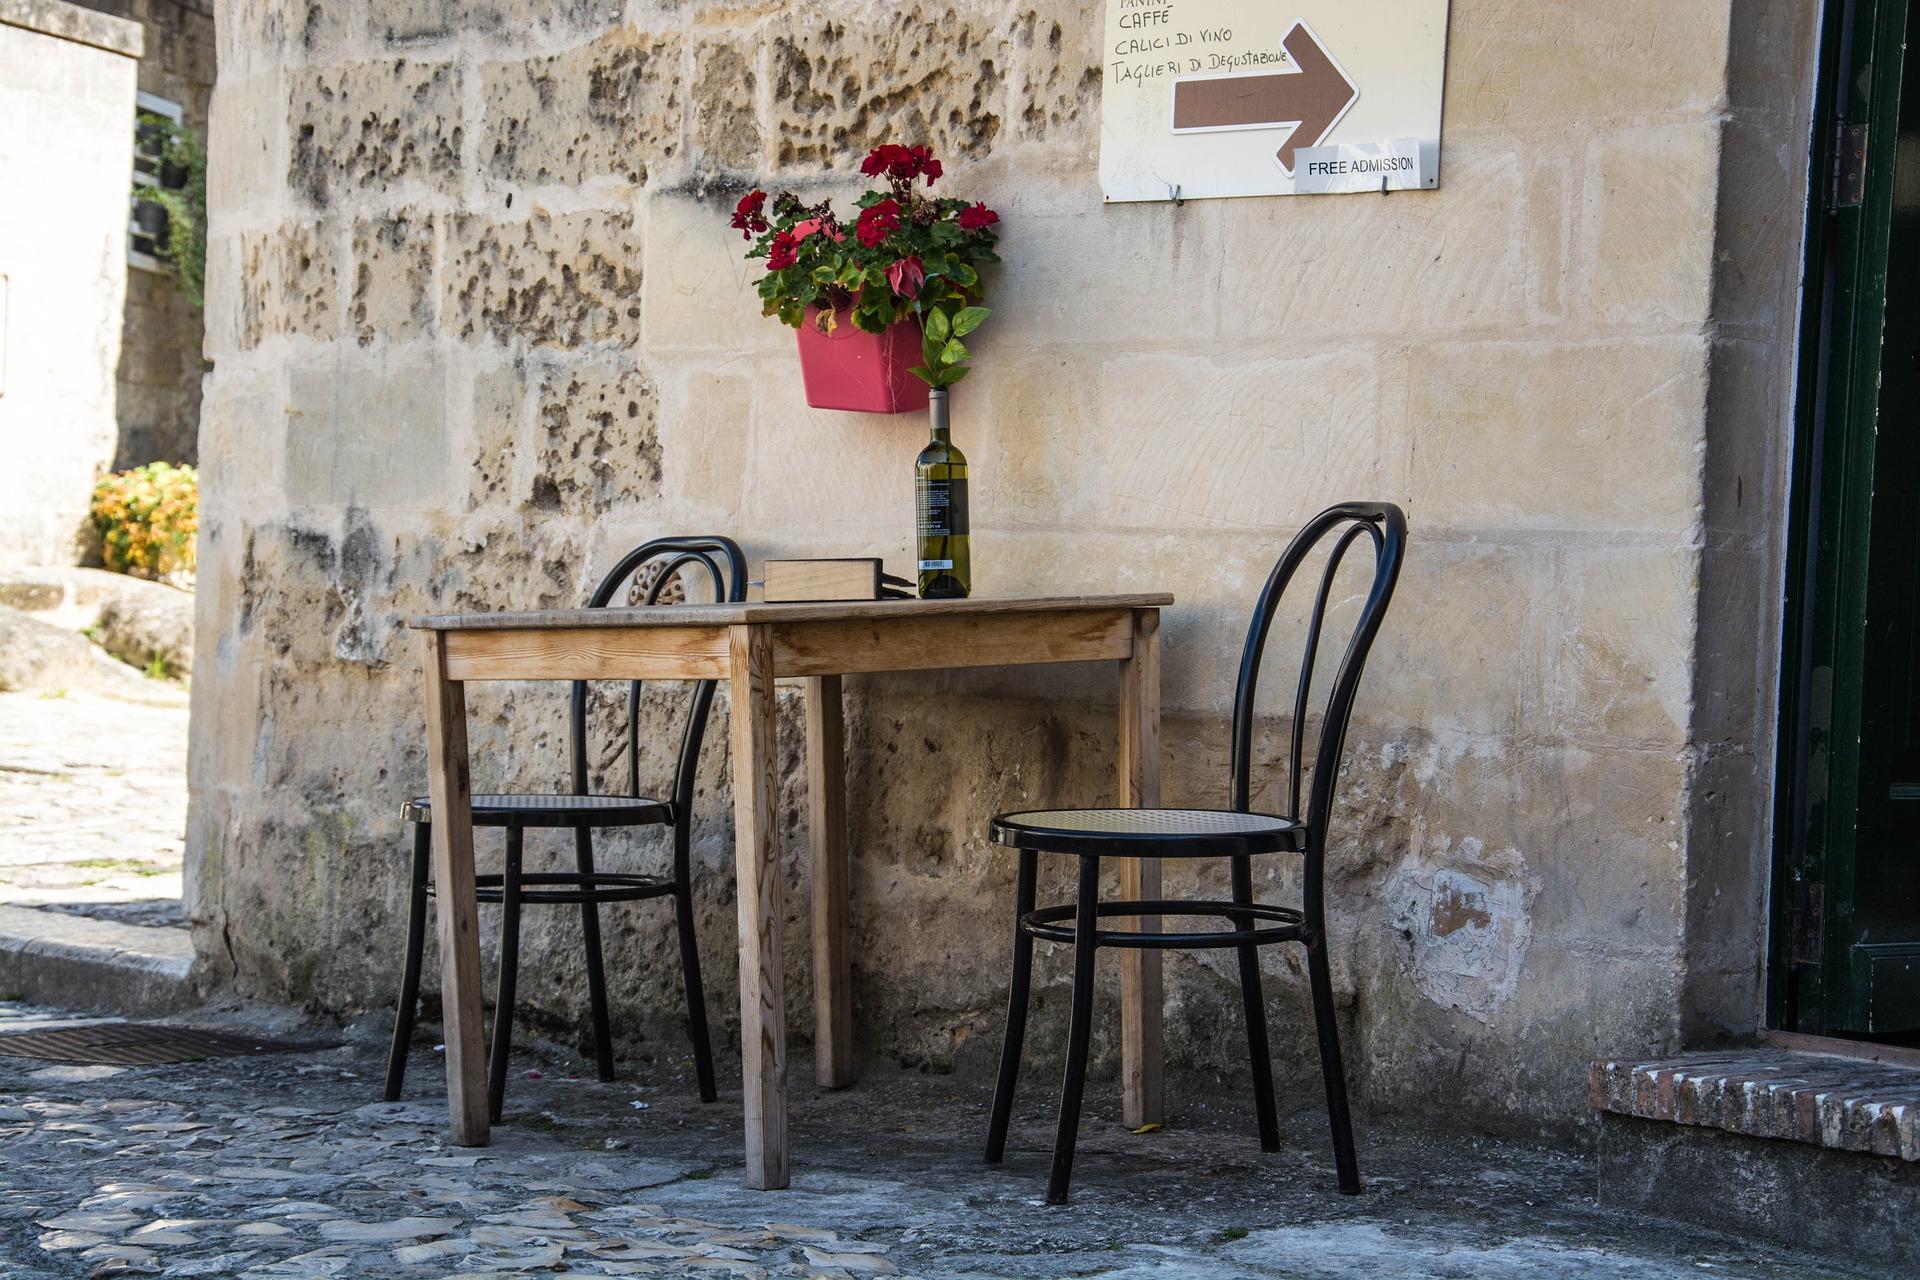 Mesmo com o turismo, Matera segue autêntica